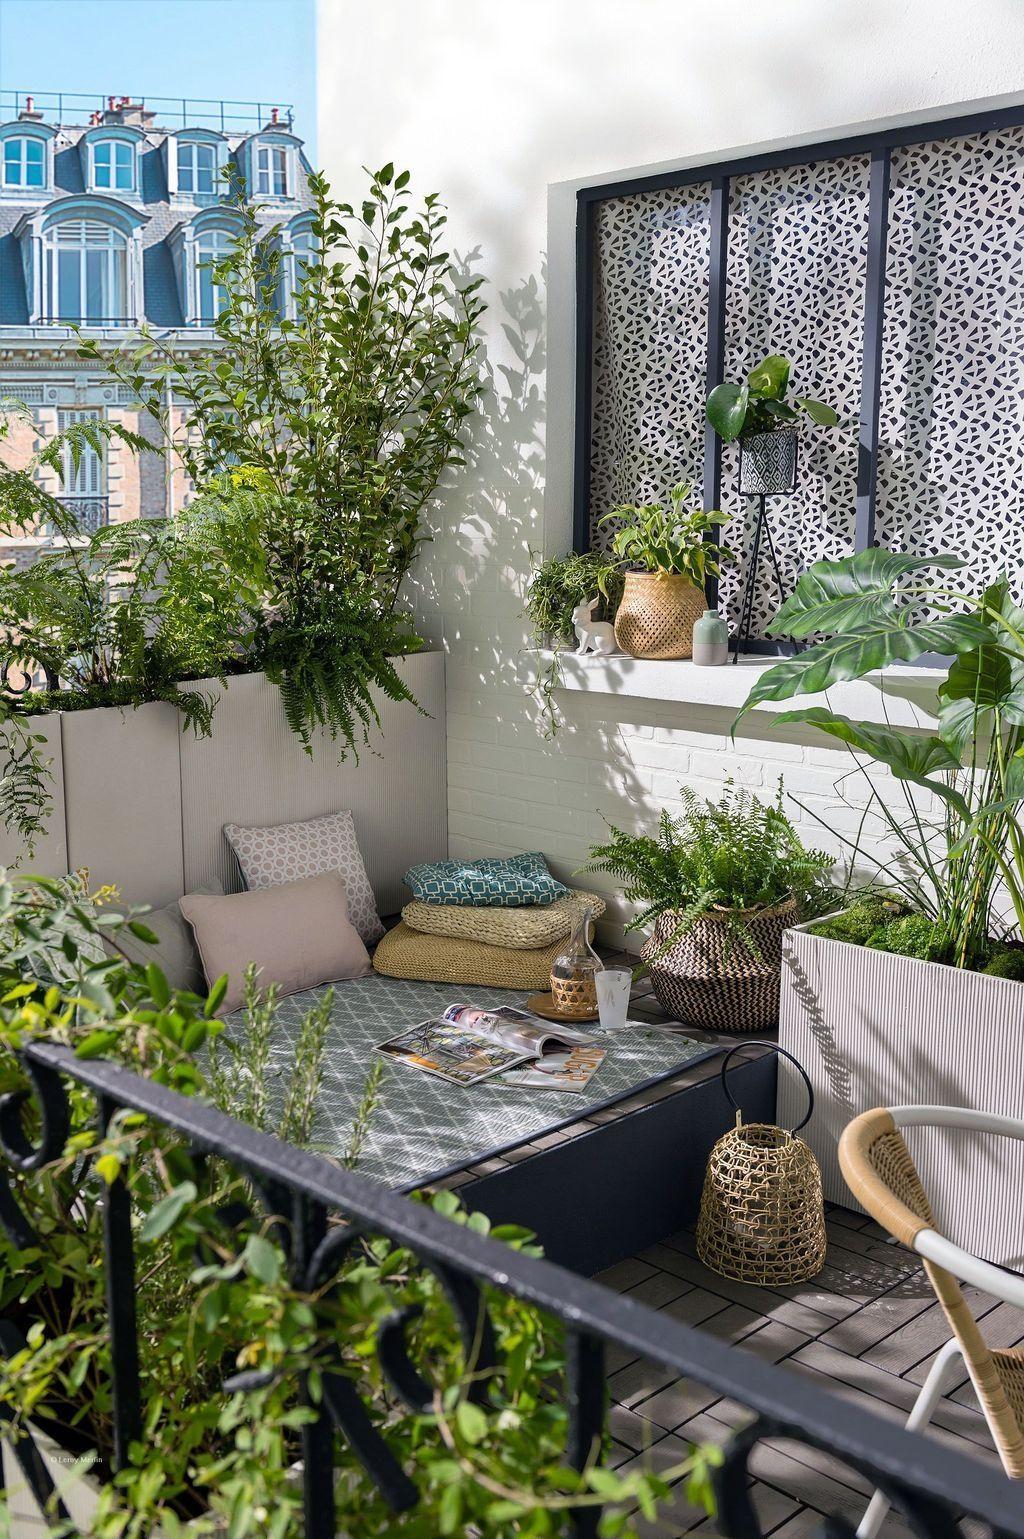 6+ Cozy Balcony Decorating Ideas | Small apartment balcony ideas ...